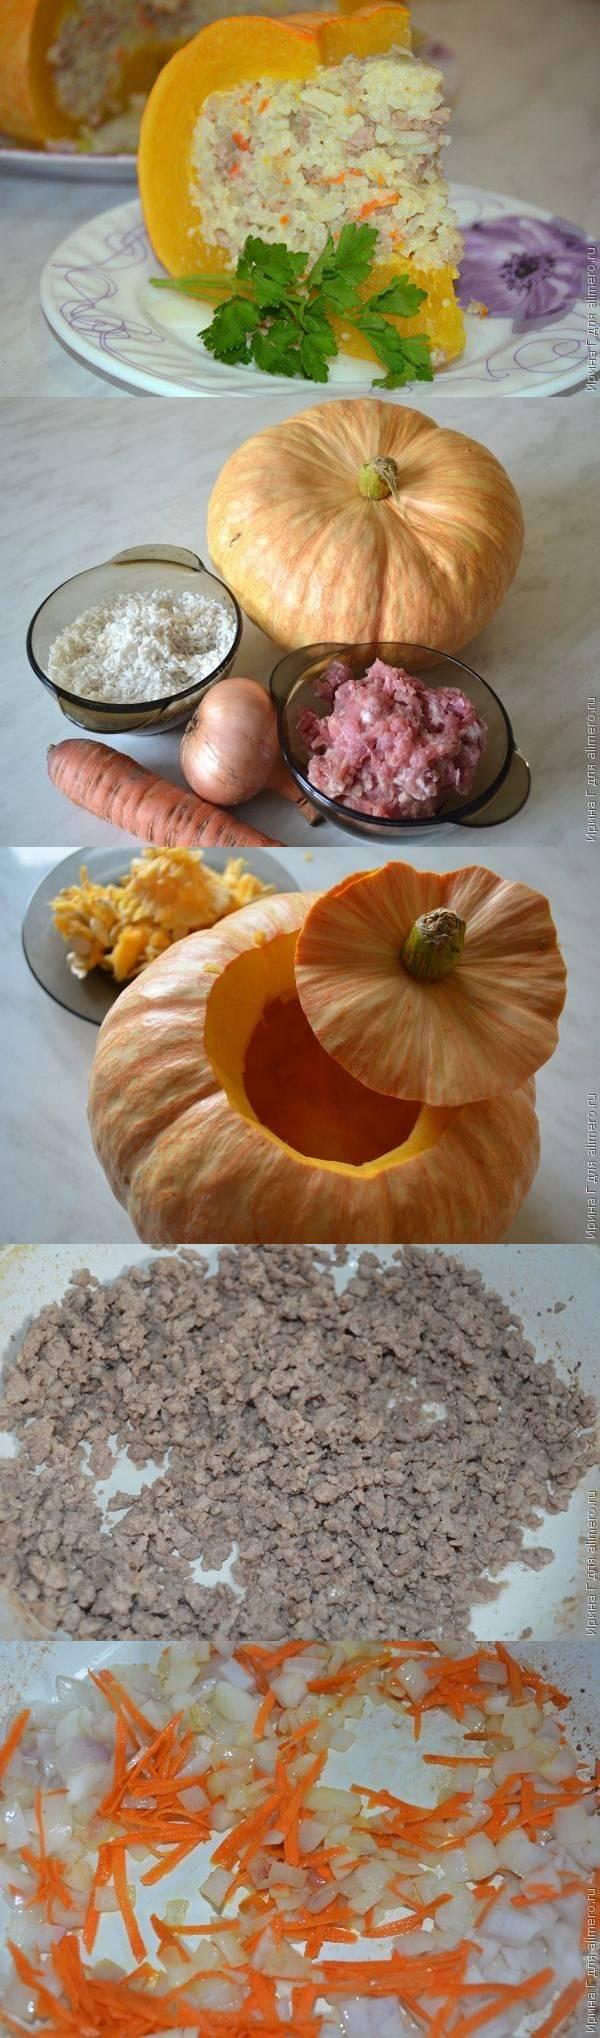 Начинки с тыквой рецепты